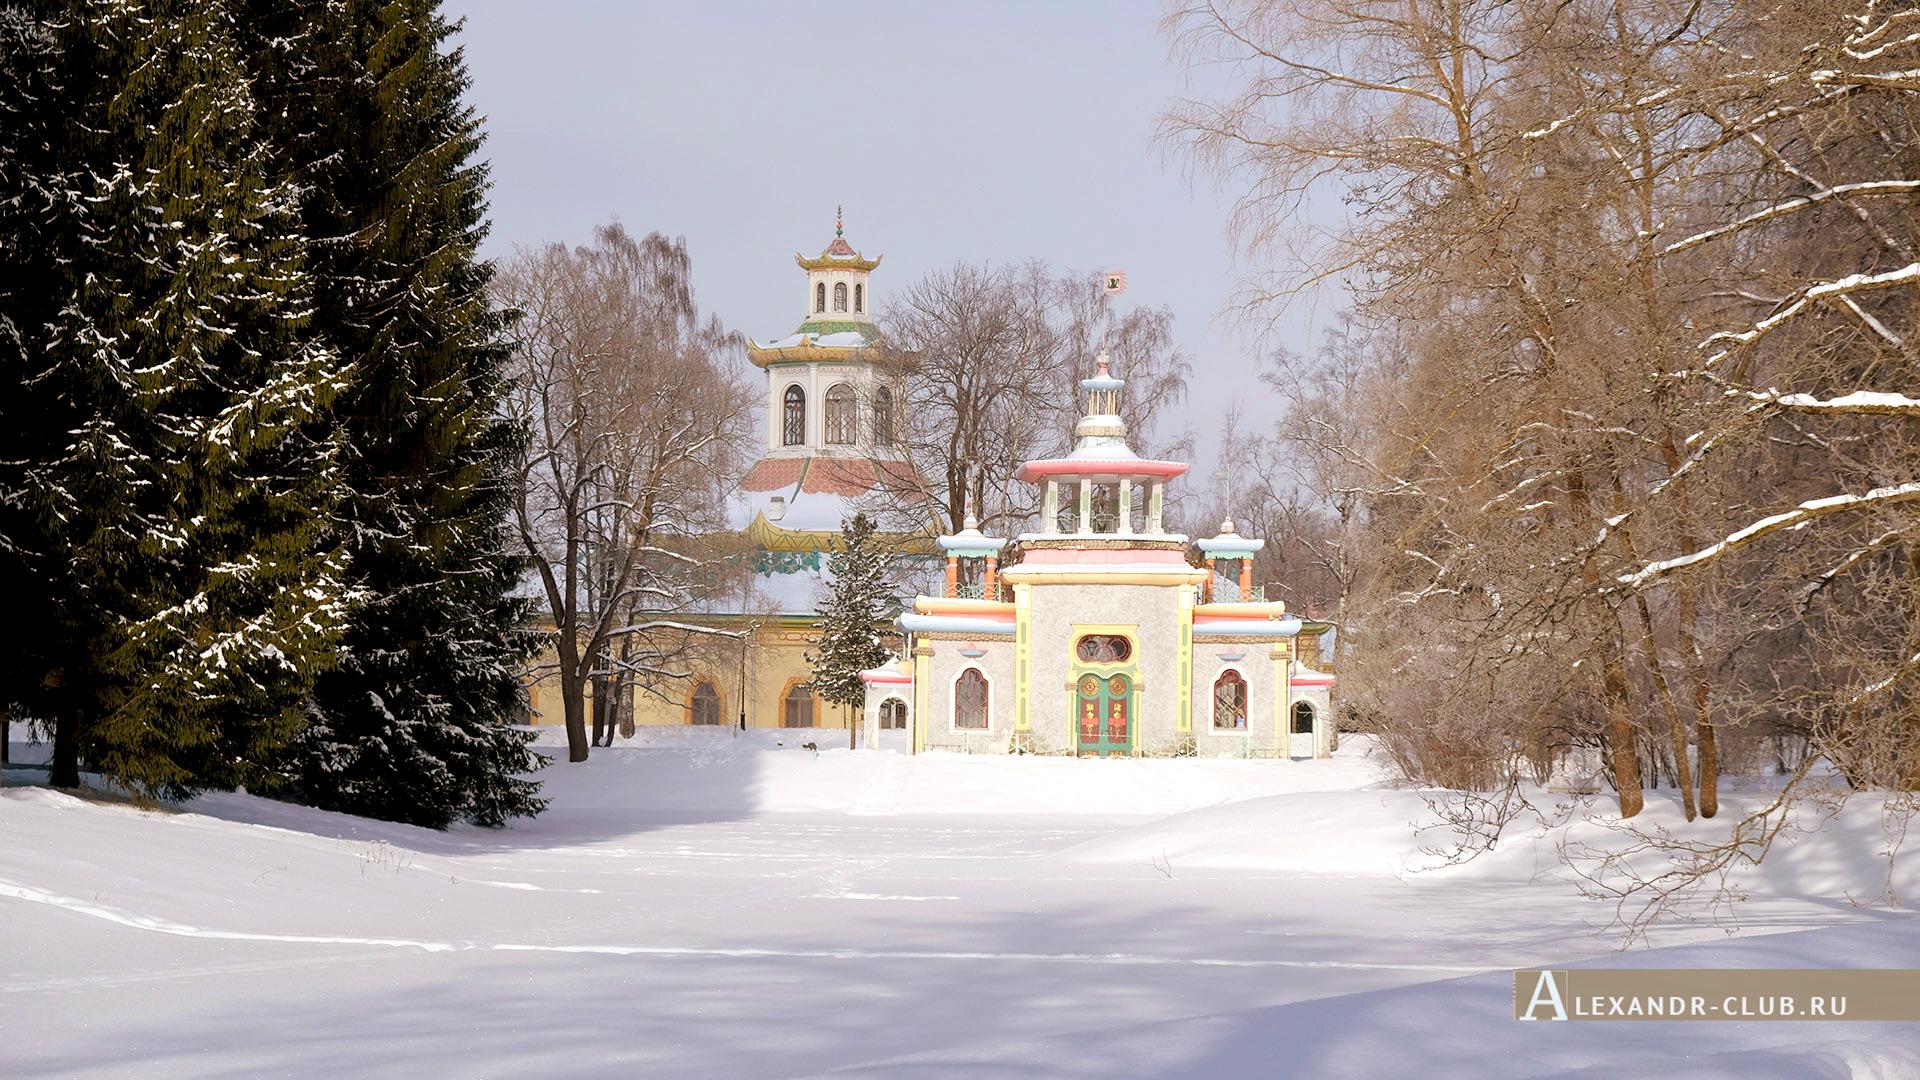 Царское Село, зима, Екатерининский парк, павильон «Скрипучая беседка» – 1